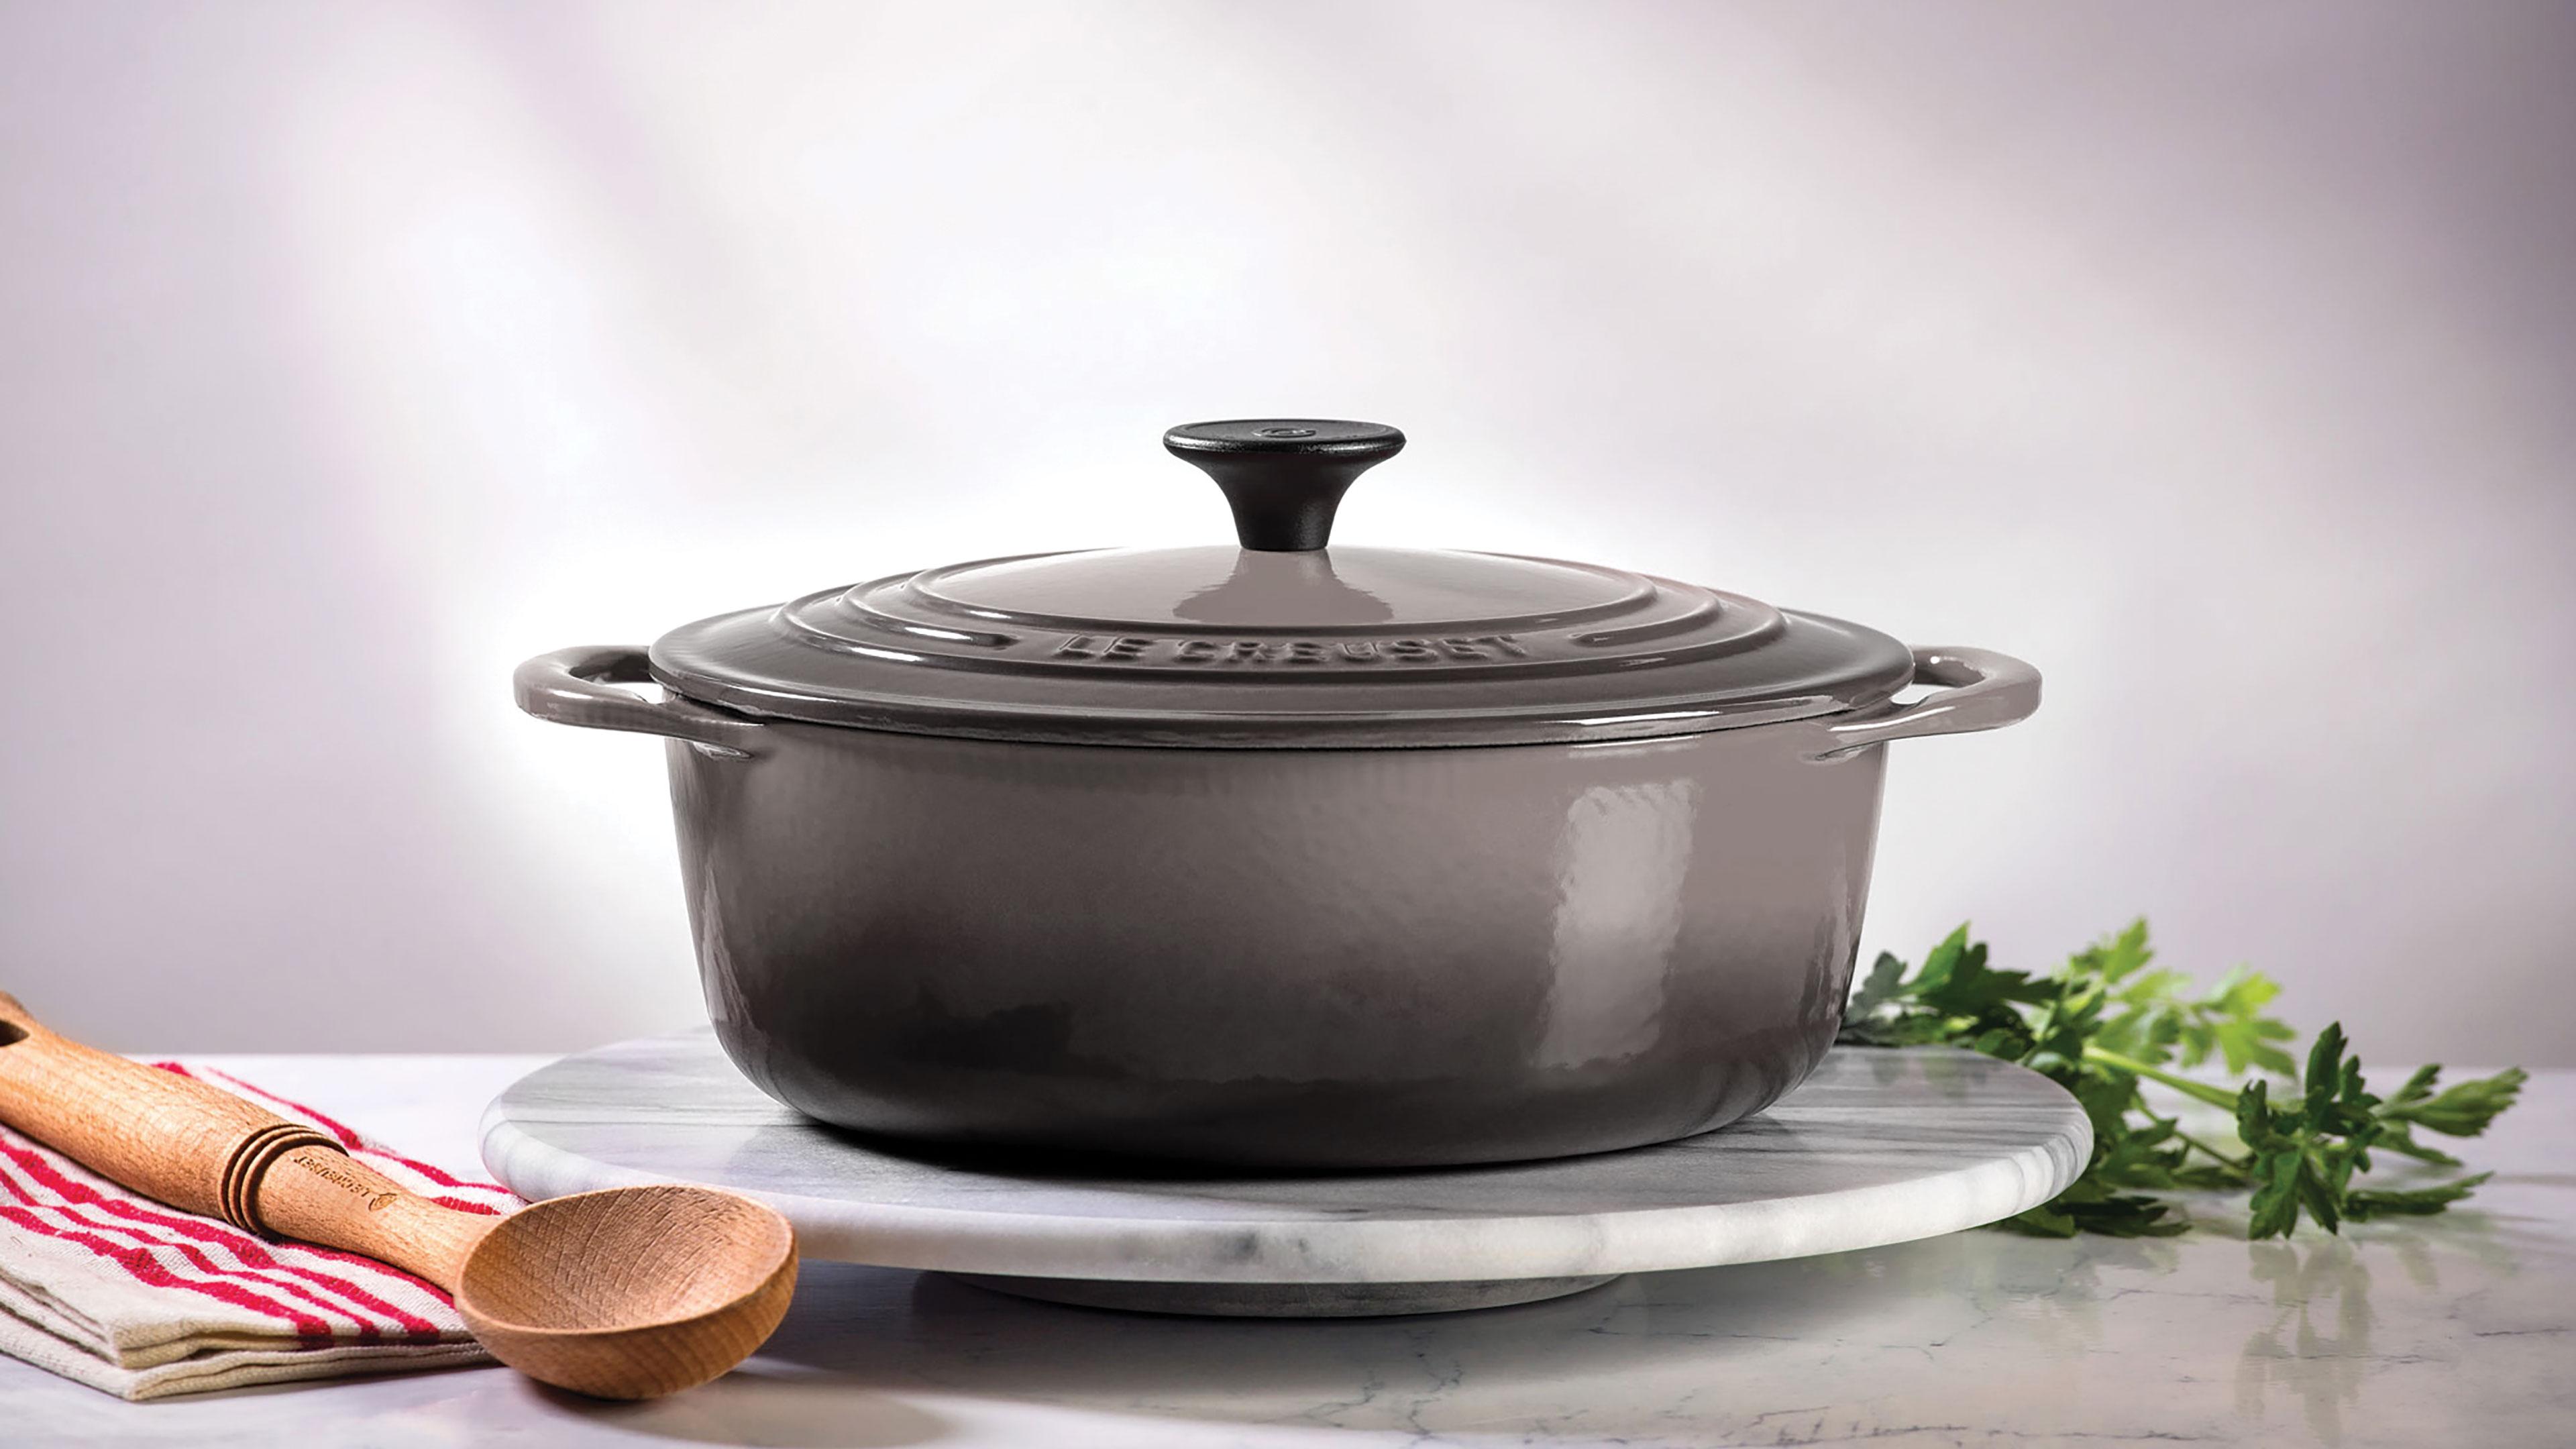 Le Creuset Cast Iron Shallow Round Dutch Oven 2 75 Quart